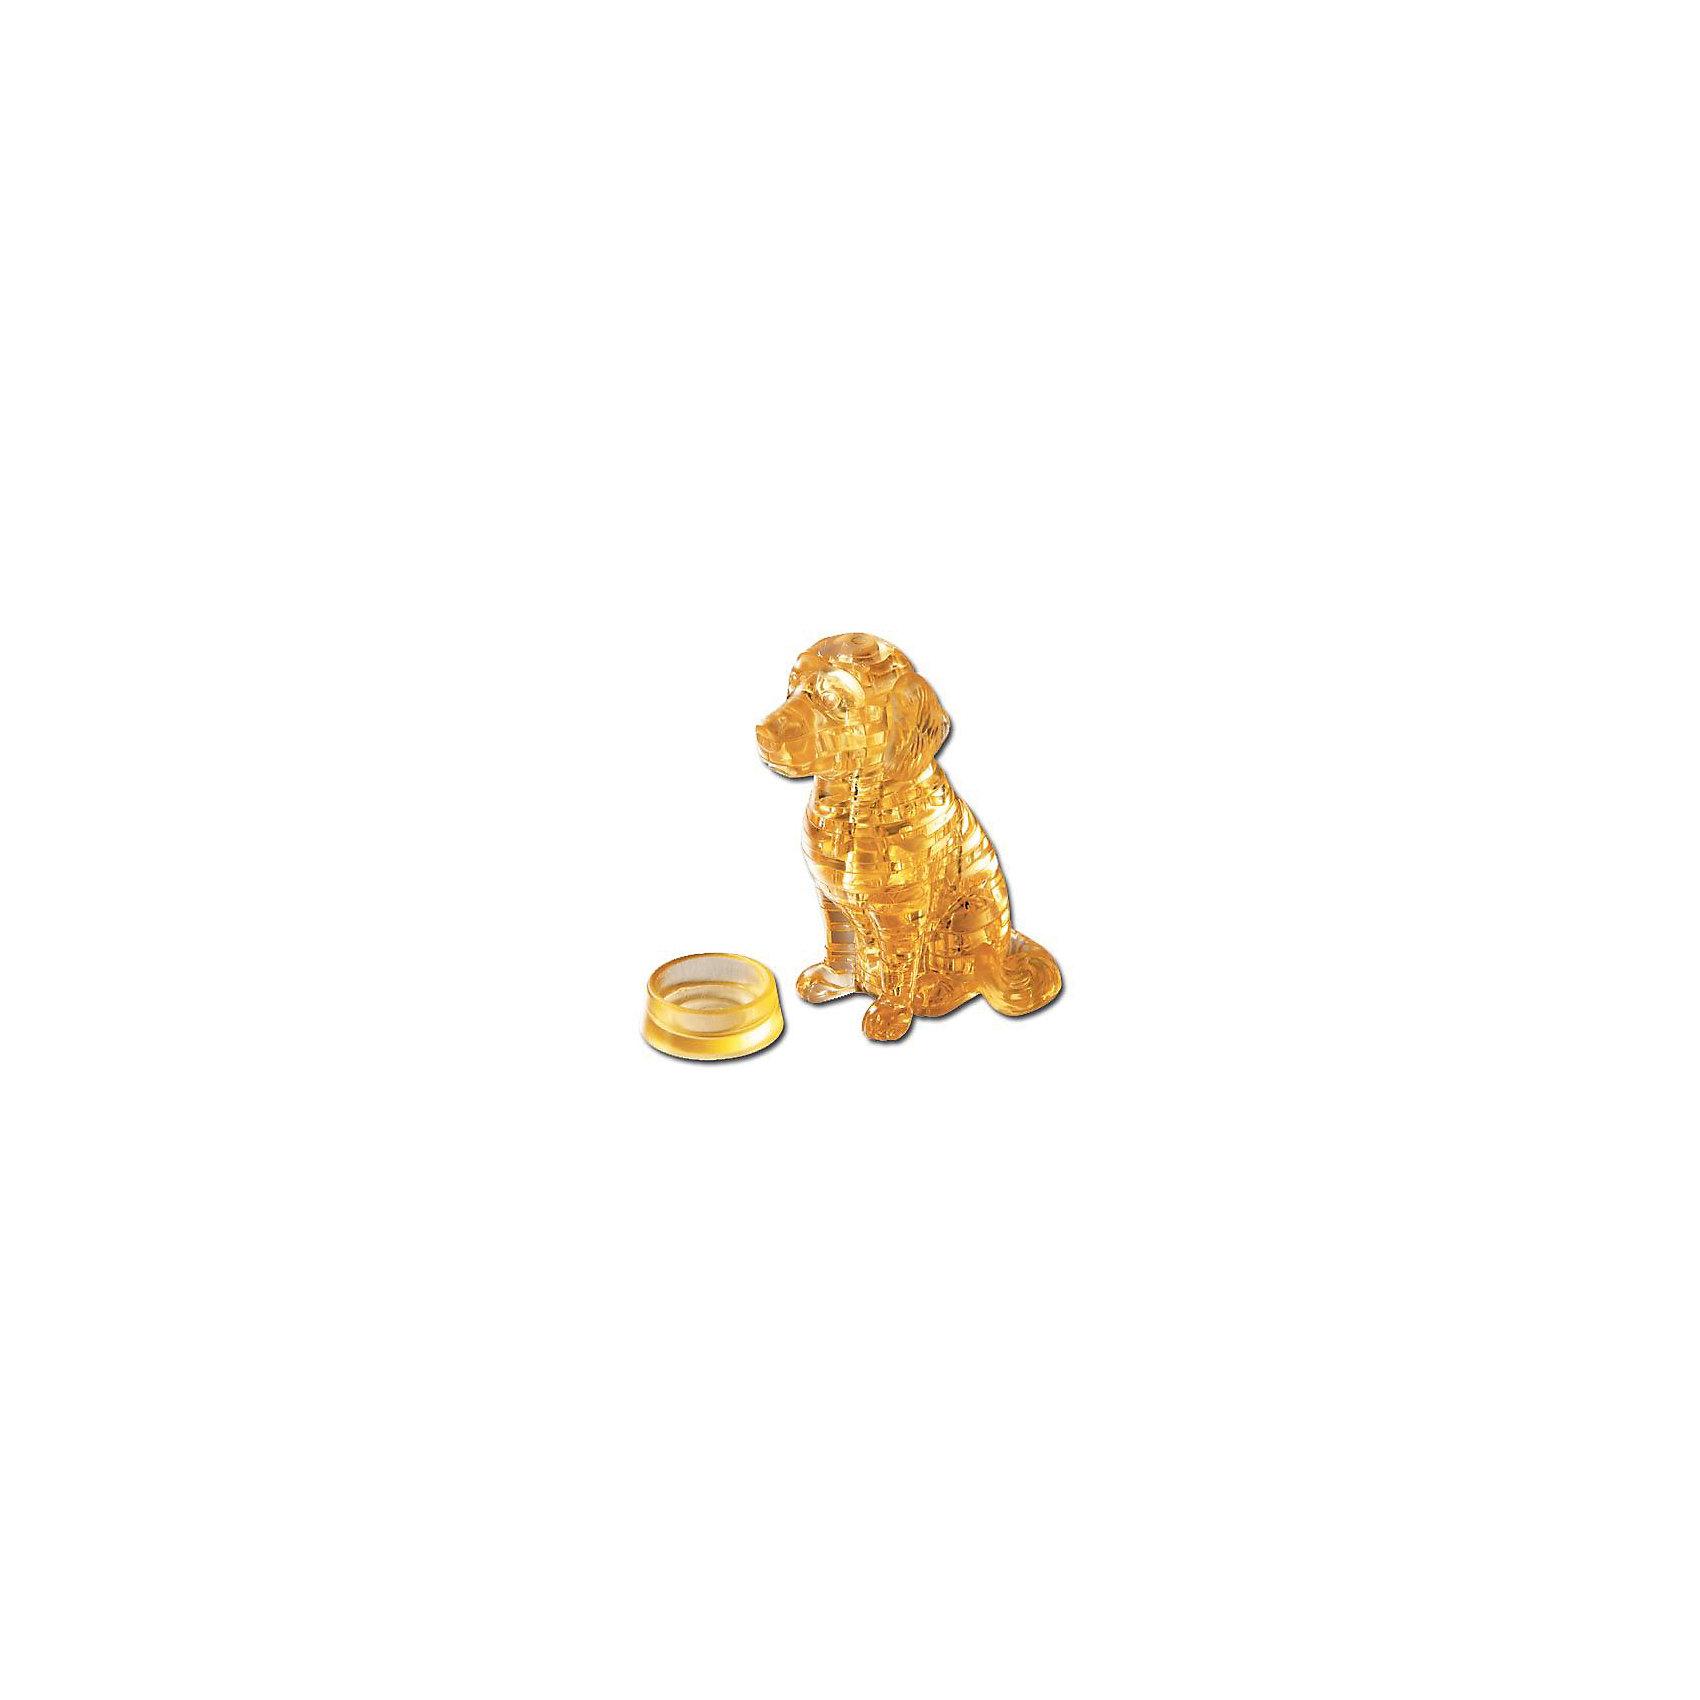 Кристаллический пазл 3D Лабрадор, Crystal Puzzle3D пазлы<br>Кристаллический пазл 3D Лабрадор, Crystal Puzzle (Кристал Пазл)<br><br>Характеристики:<br><br>• яркий объемный пазл<br>• размер готовой фигурки: 9 см<br>• количество деталей: 41<br>• высокая сложность<br>• размер упаковки: 5х14х10 см<br>• вес: 185 грамм<br>• материал: пластик<br><br>Любители фигурок животных непременно порадуются подарку в виде трехмерной головоломки Лабрадор. В комплект входит 41 деталь, собрав которые вы получите очаровательную блестящую собачку. Для упрощения процесса можно воспользоваться инструкцией, которая входит в комплект. Все детали имеют нумерацию, значительно облегчающую процесс сборки. Готовая фигурка украсит любой дом и обязательно поднимет настроение!<br><br>Кристаллический пазл 3D Лабрадор, Crystal Puzzle (Кристал Пазл) вы можете купить в нашем интернет-магазине.<br><br>Ширина мм: 100<br>Глубина мм: 140<br>Высота мм: 50<br>Вес г: 185<br>Возраст от месяцев: 120<br>Возраст до месяцев: 2147483647<br>Пол: Унисекс<br>Возраст: Детский<br>SKU: 5397253